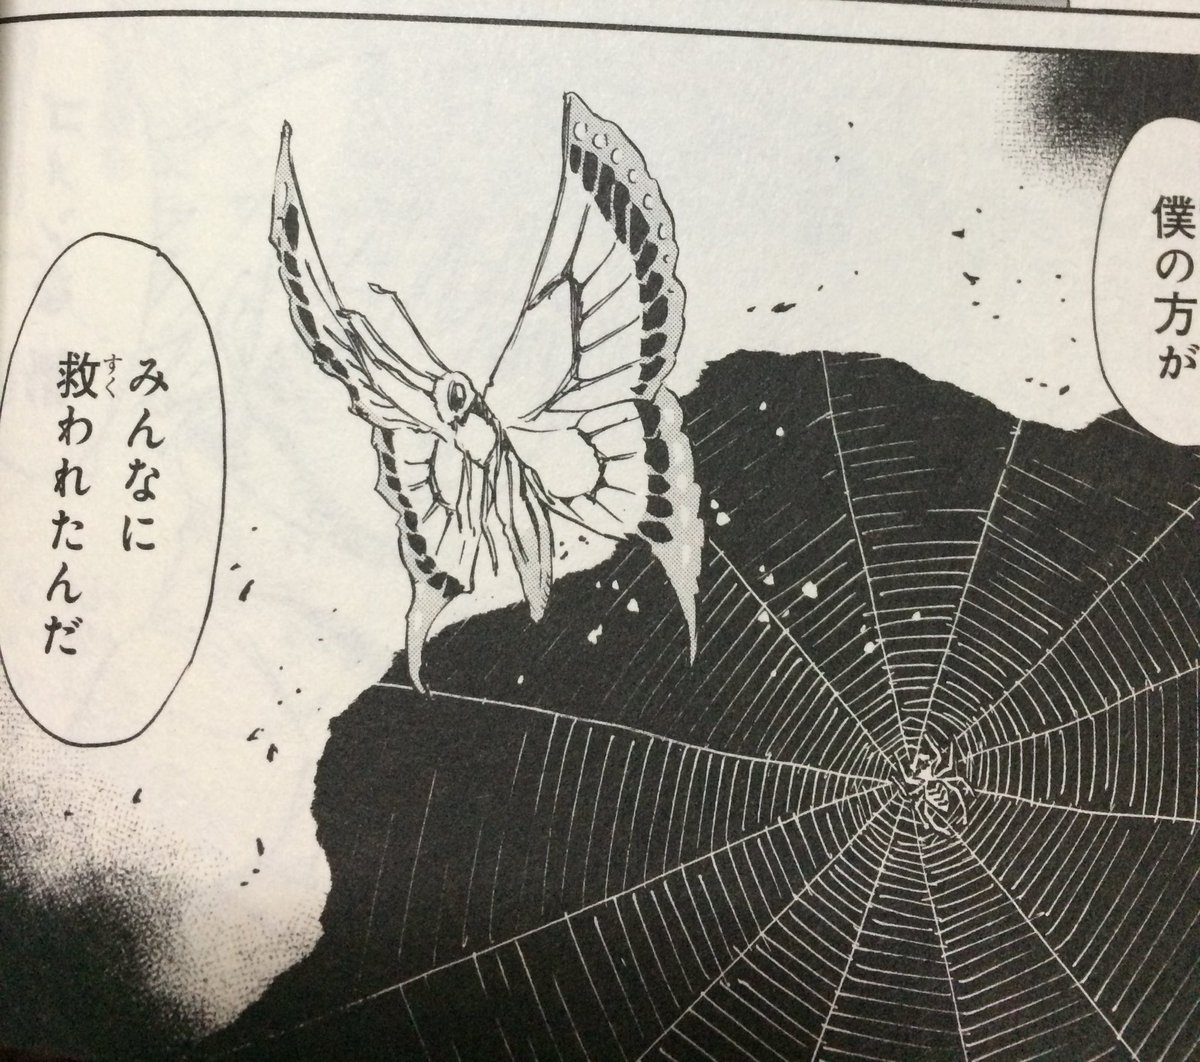 僕街アニメとコミックの最終巻を見た時にあぁケンサト本のタイトルは「フラワー」しかないなってずっと思っていた。サトルが蝶な